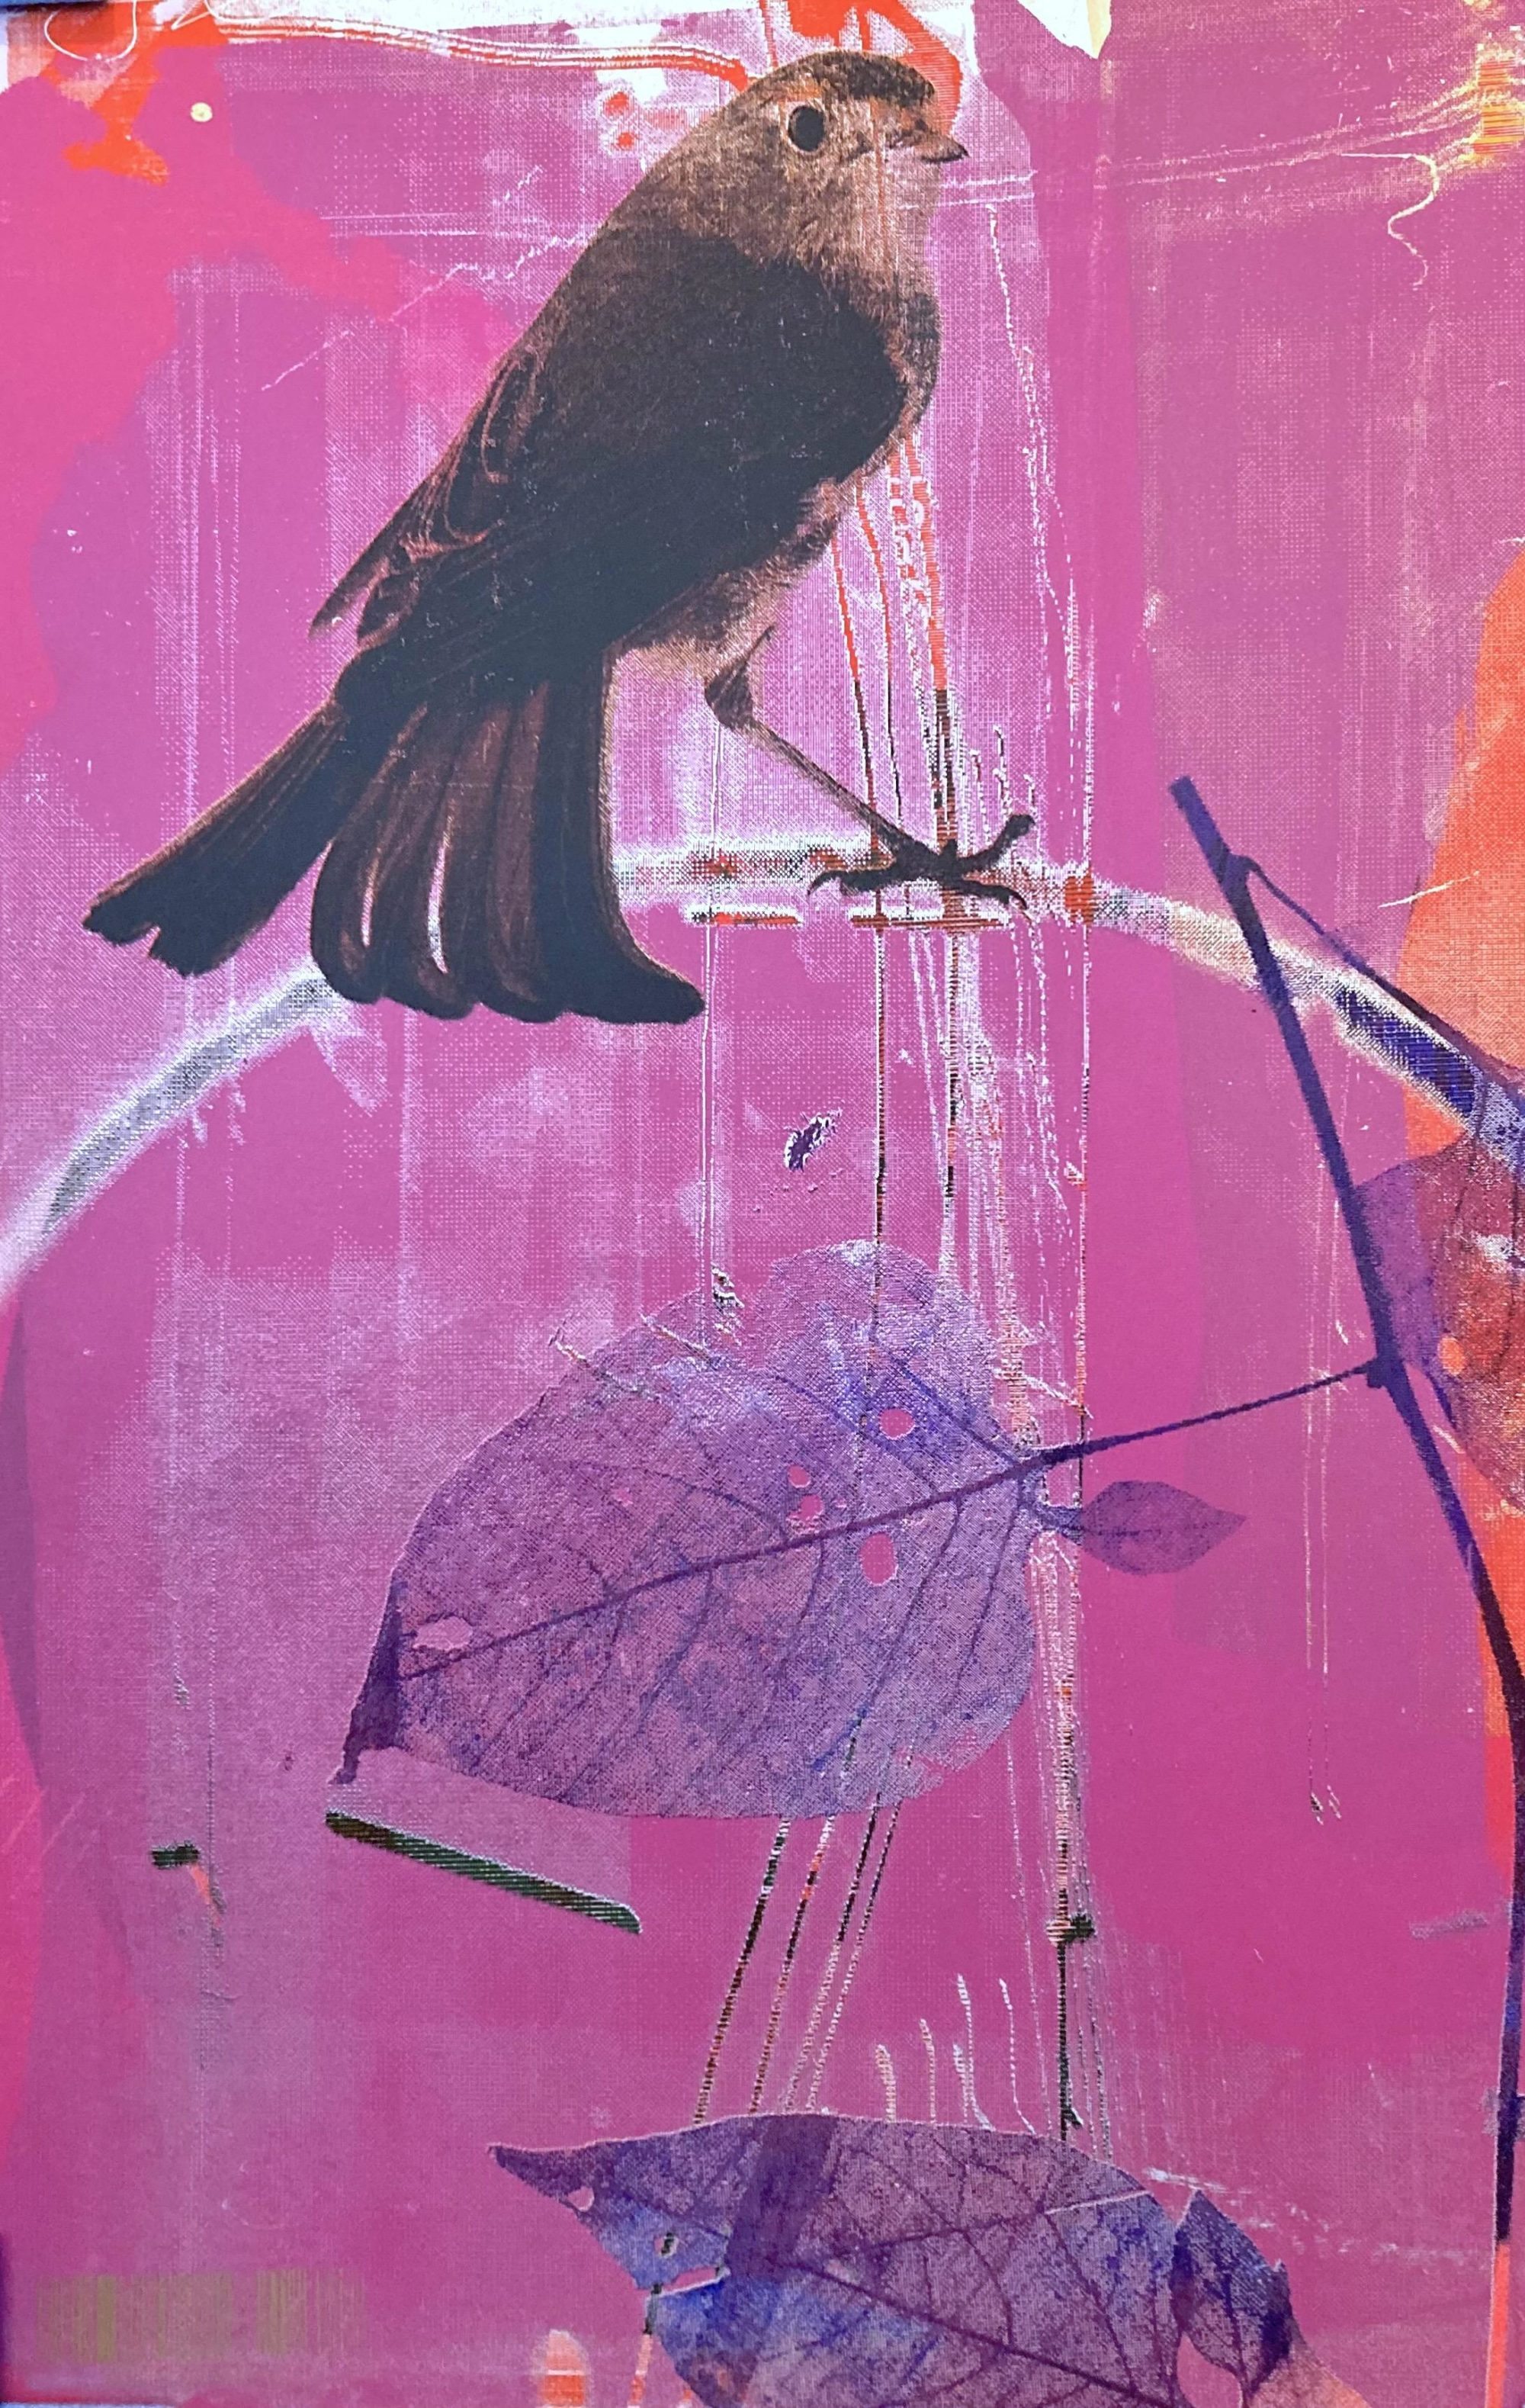 Pink birdland - Reimann, Andreas - k-RH149